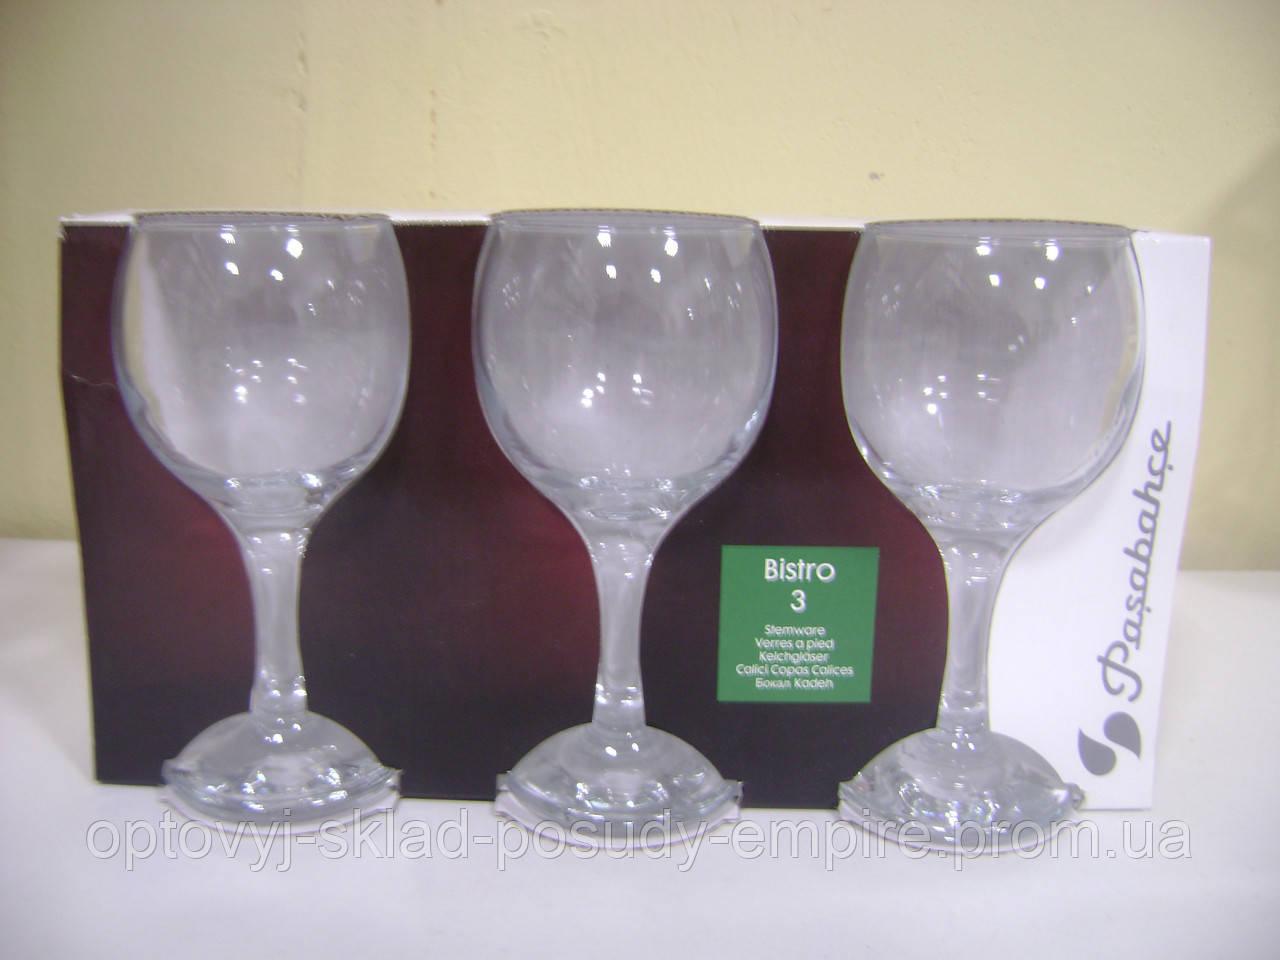 44412 Бистро набор фужеров д/вина 225 мл 1/3